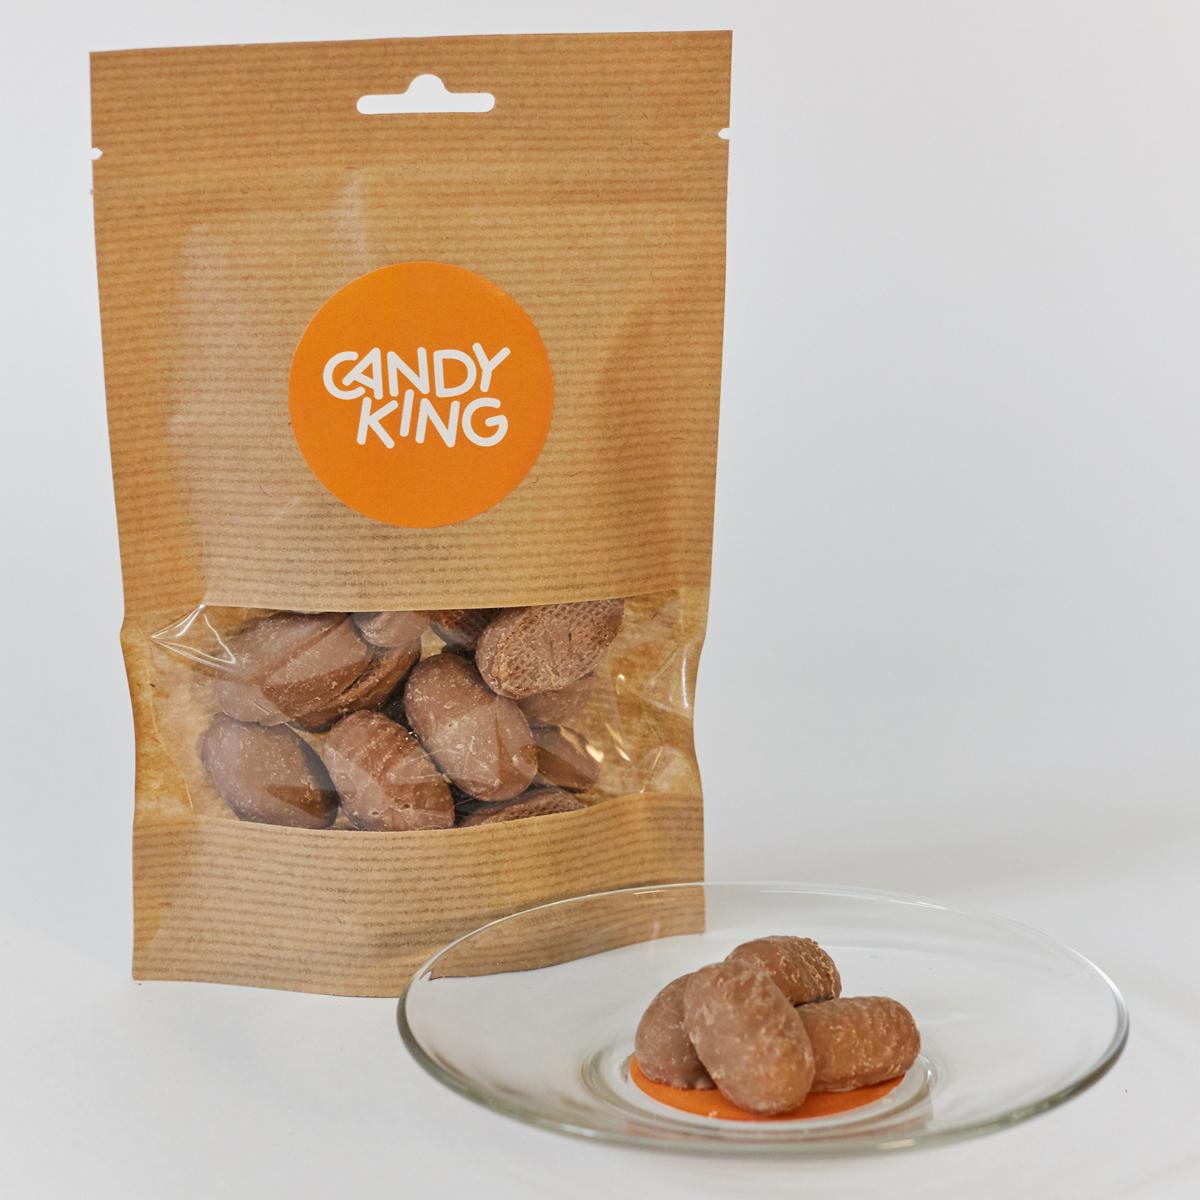 Candy King Молочный шоколад с ирисом Конфета шоколадная с карамельной начинкой, 100 г250720/100ГКондитерские изделия Candy King упакованные в Крафт-Пакеты.Об упаковке: гарантия качества и сохранности покупаемой продукции, упаковка дой-пак обеспечивает устойчивость, можно взять, как в машину или домой, так и в подарок, пакет не будет падать и всегда выглядит достойно. Замок Zip-Lock позволяет закрывать пакет, что обеспечиват долгую свежесть содержимого после вскрытия отрывной линии. А окошко позволяет видеть что внутри (вы никогда не купите кота в мешке).